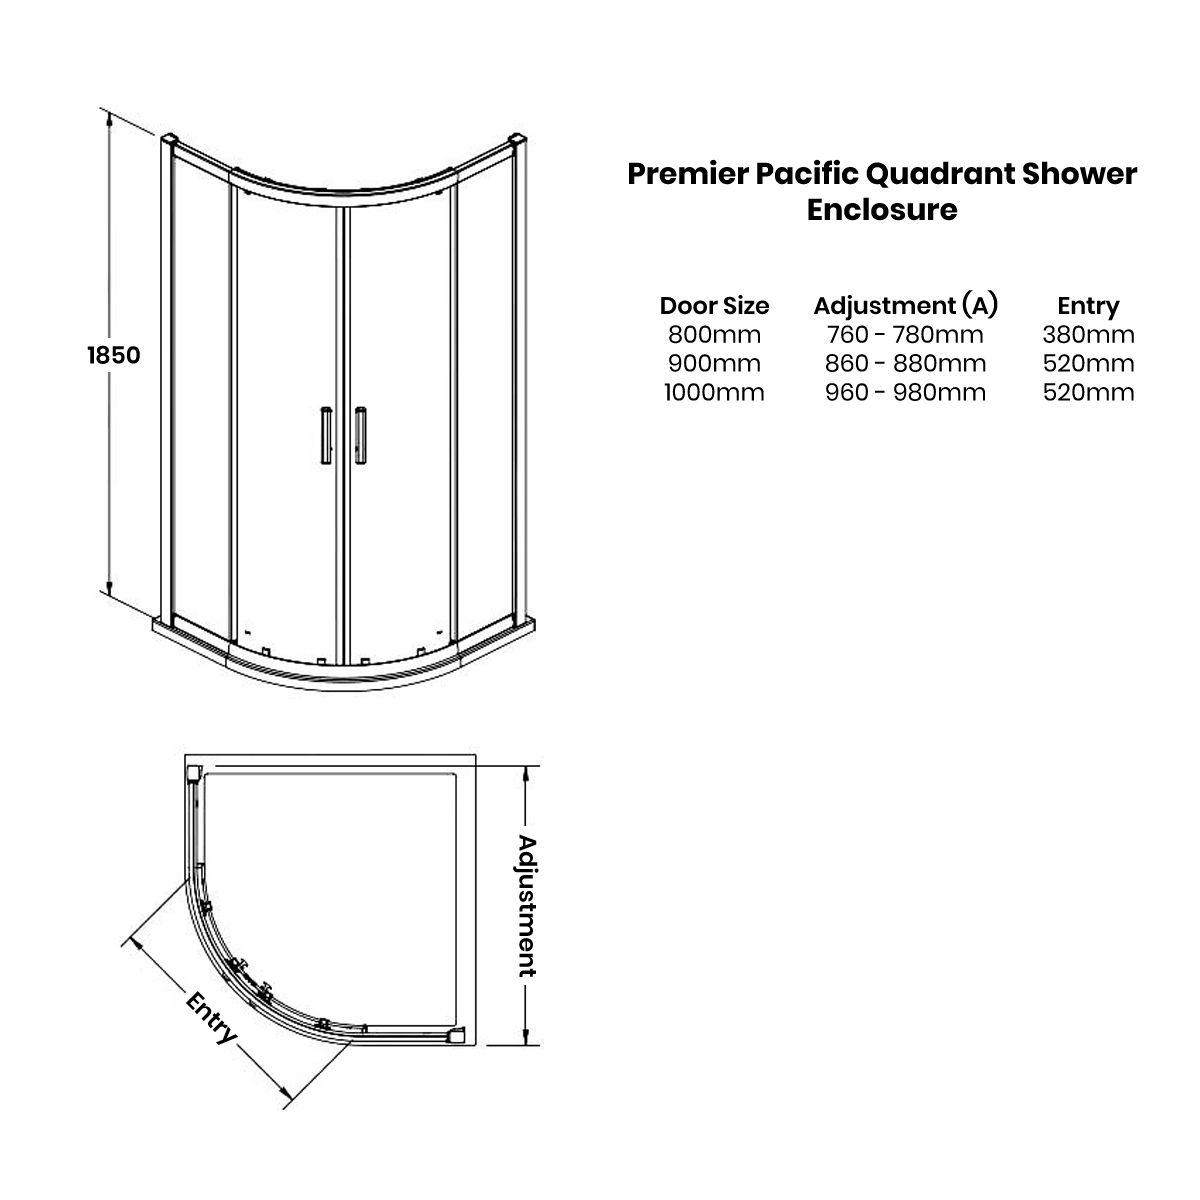 Premier Pacific Double Quadrant Shower Enclosure Dimensions